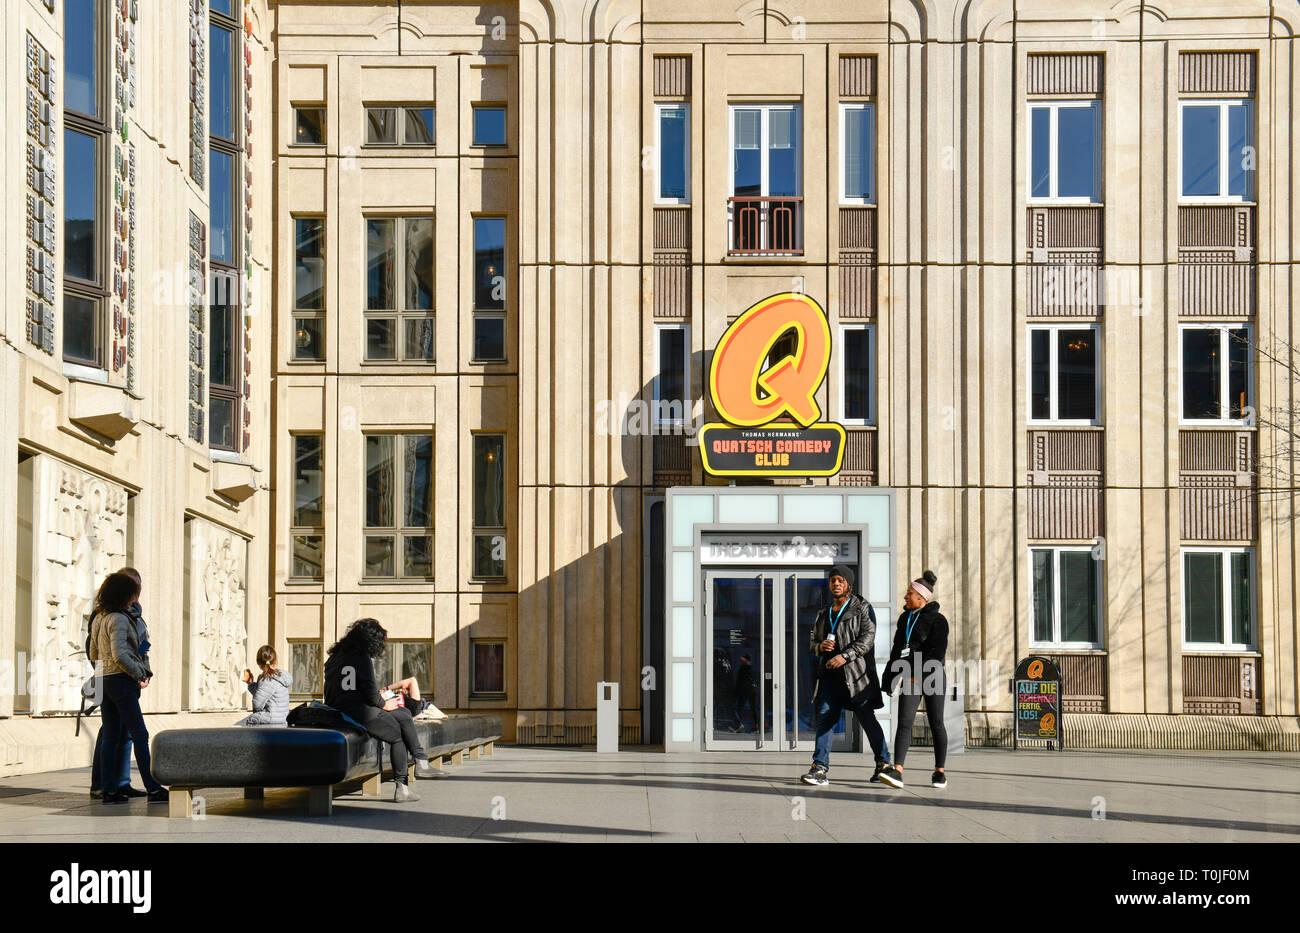 Le club de comédie absurde, Friedrichstrasse, milieu, Berlin, Allemagne, Quatsch Comedy Club, Mitte, Deutschland Photo Stock